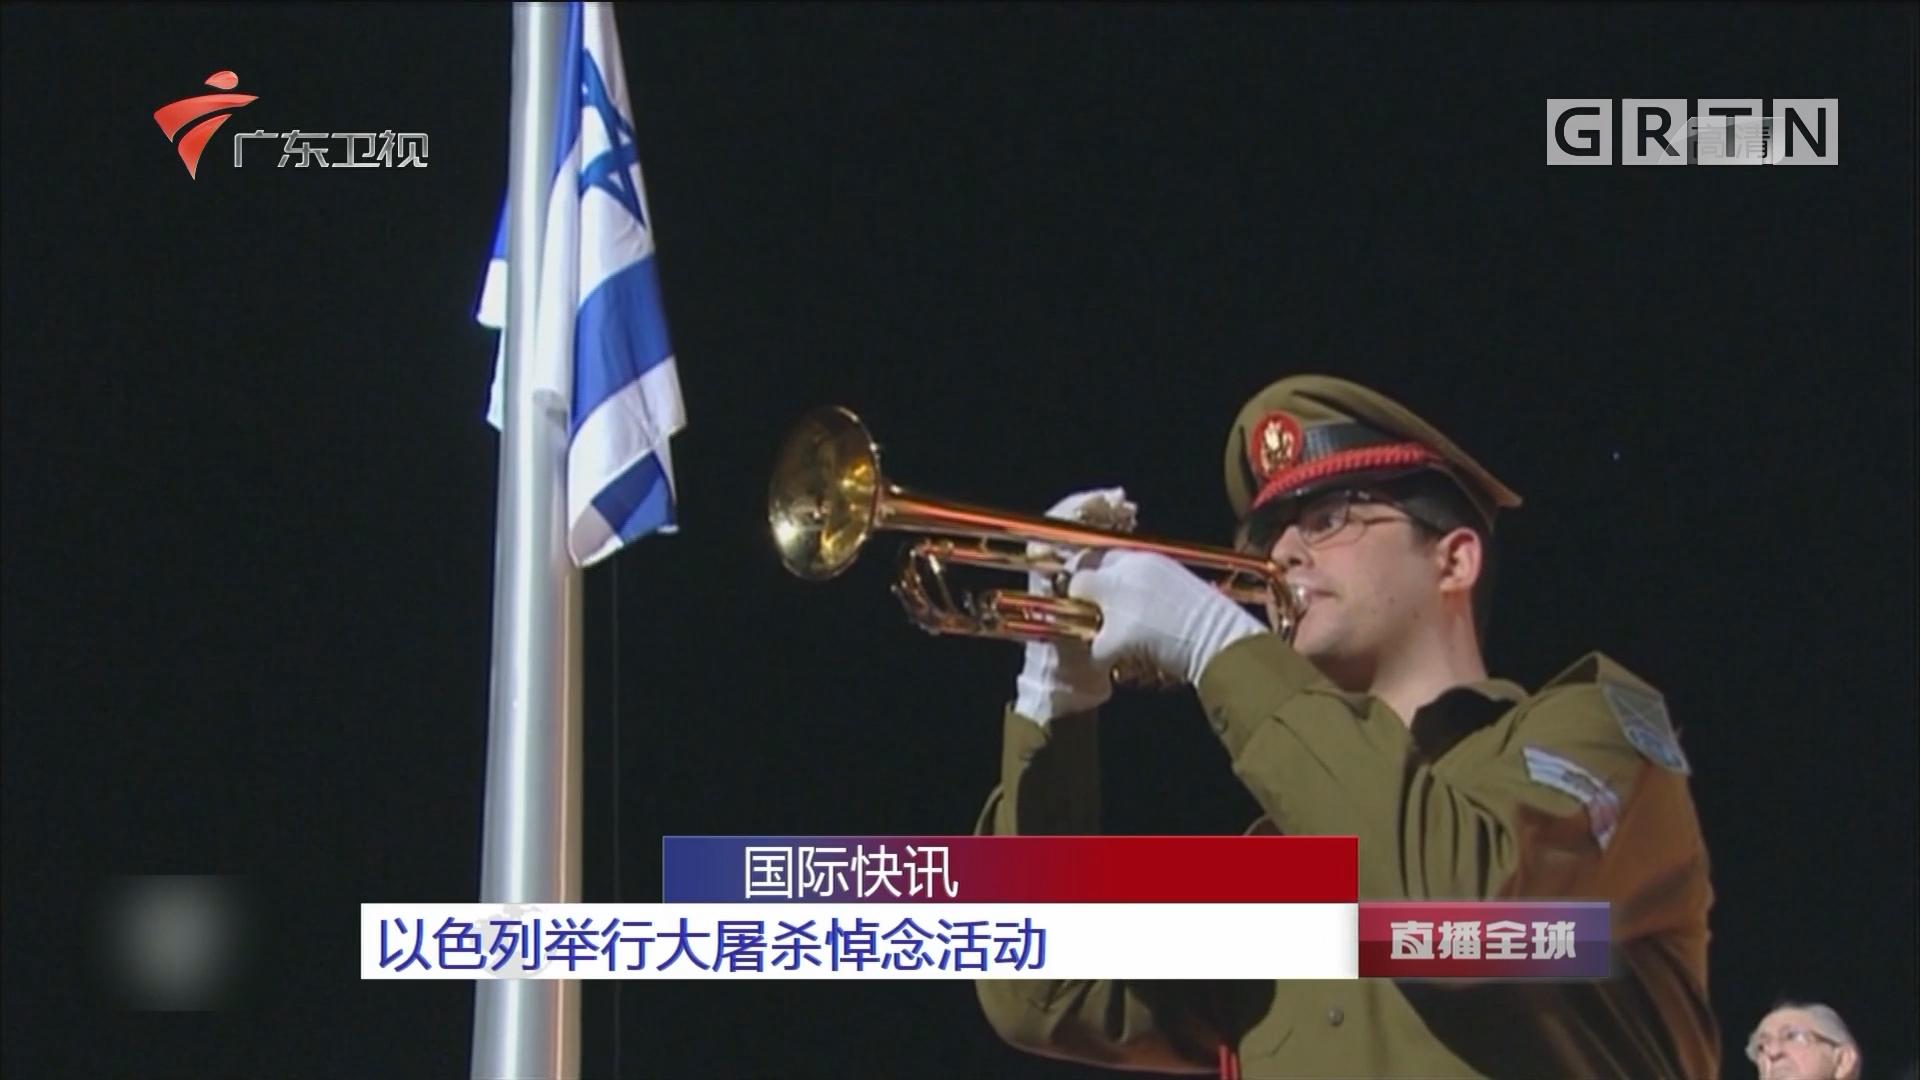 以色列举行大屠杀悼念活动